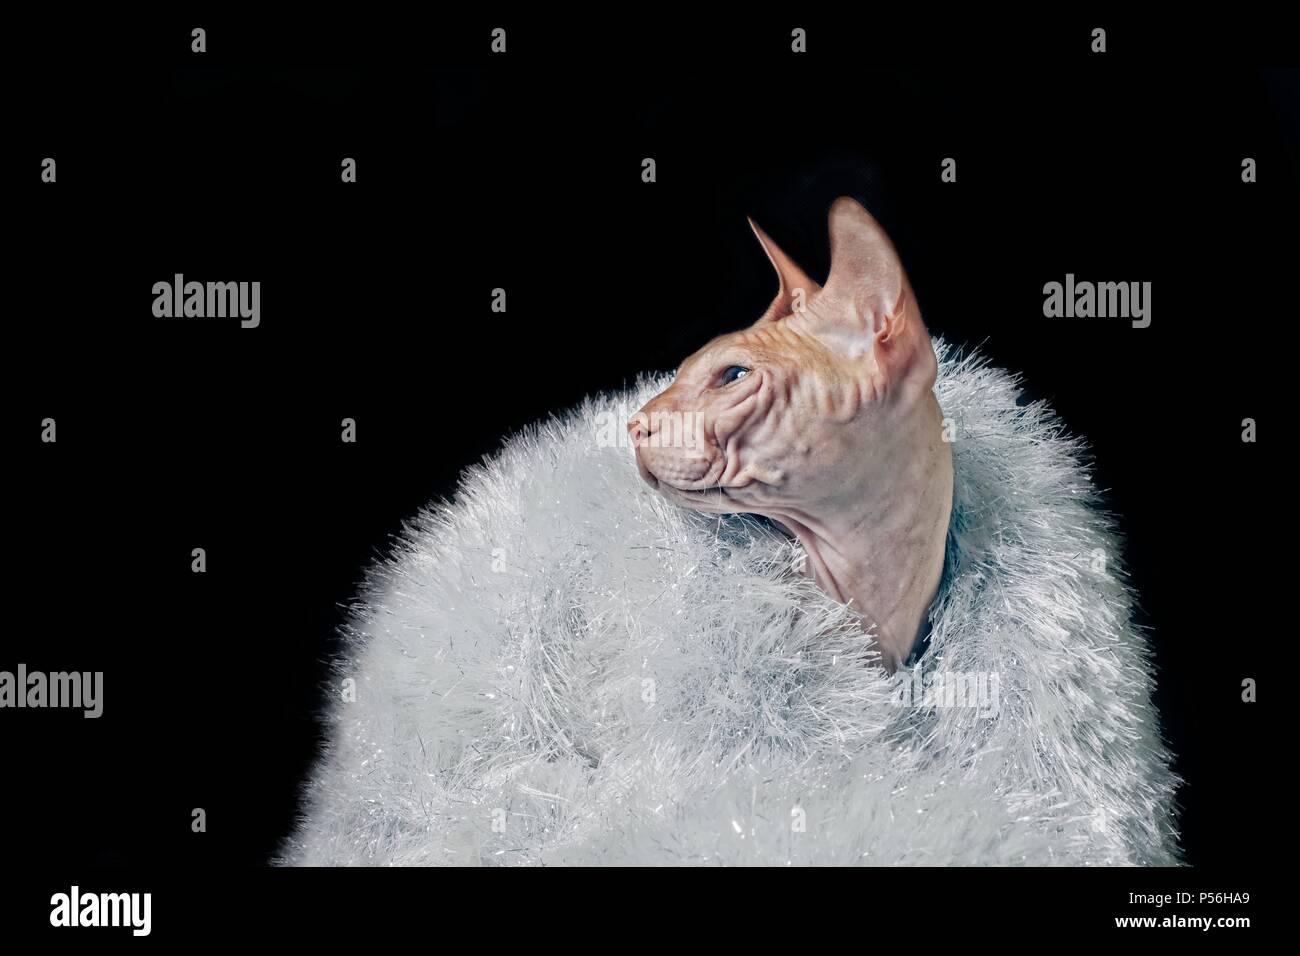 Portrait d'un chat sphynx portant des guirlandes - isolé sur fond noir. Photo Stock